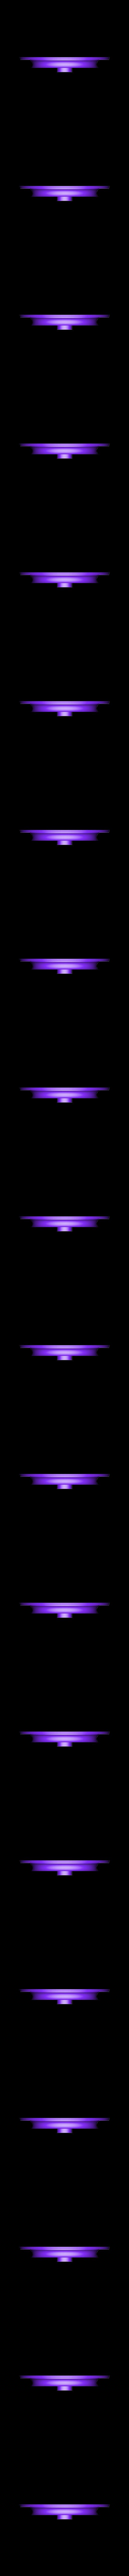 WEDGE_BODY_TOP.stl Télécharger fichier STL gratuit Alimentateur de filaments horizontaux pour la chambre d'impression • Plan à imprimer en 3D, theveel